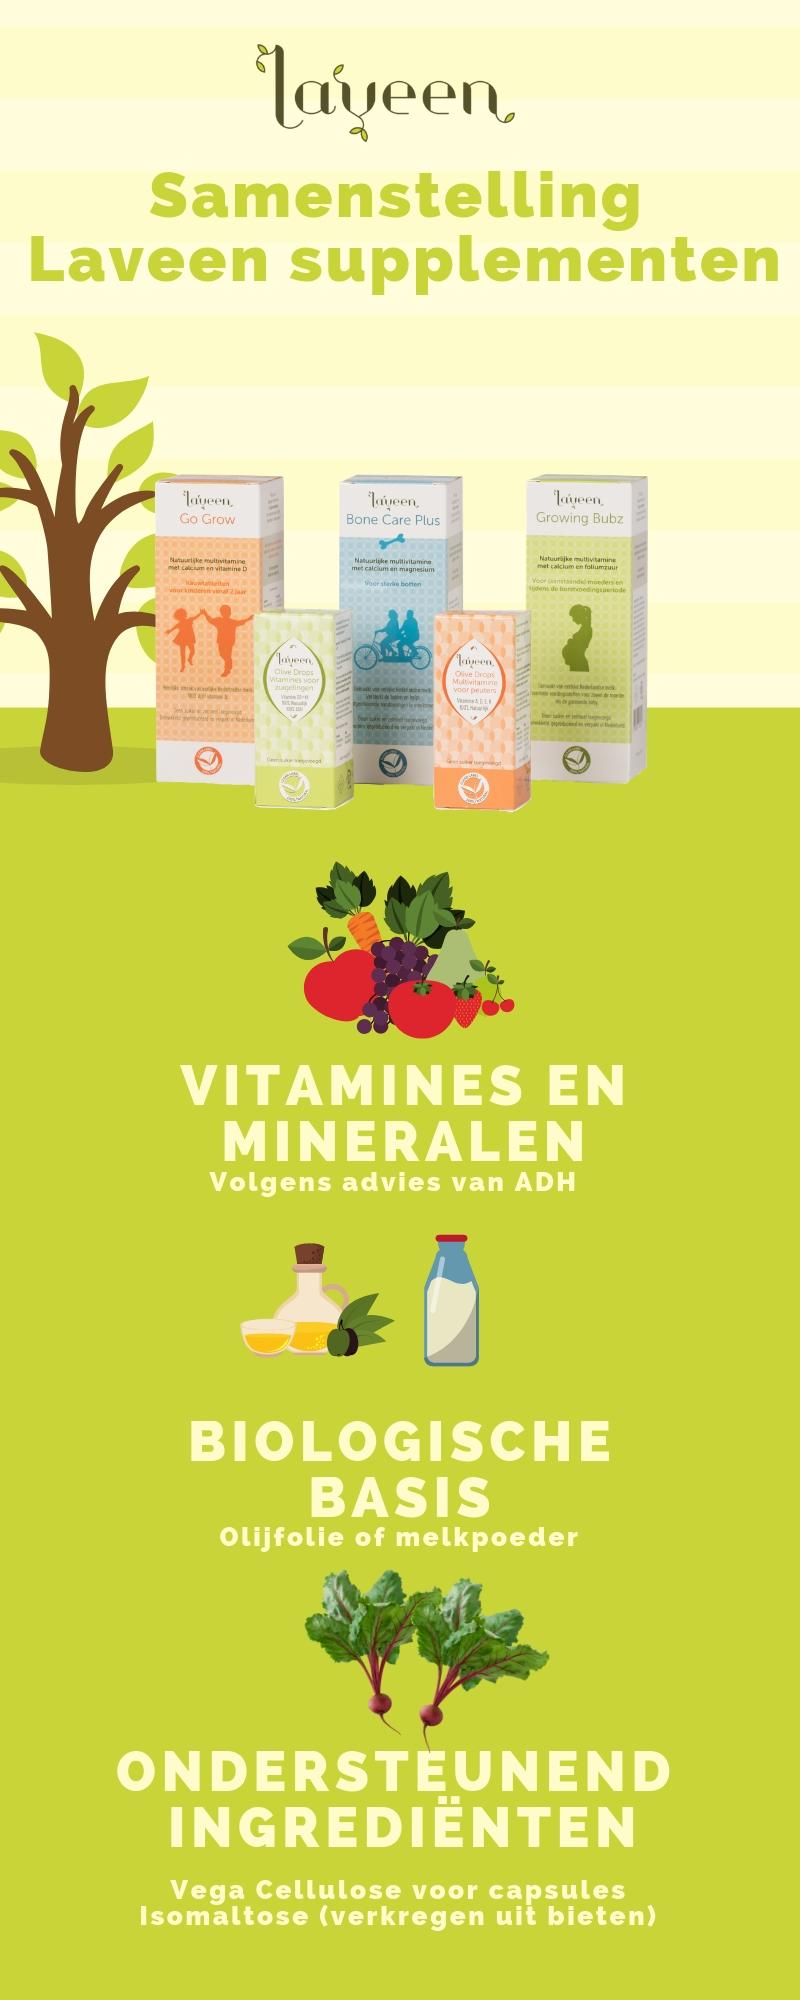 Vitamine D, Vitamine K, Baby, Zwangerschap, Foliumzuur